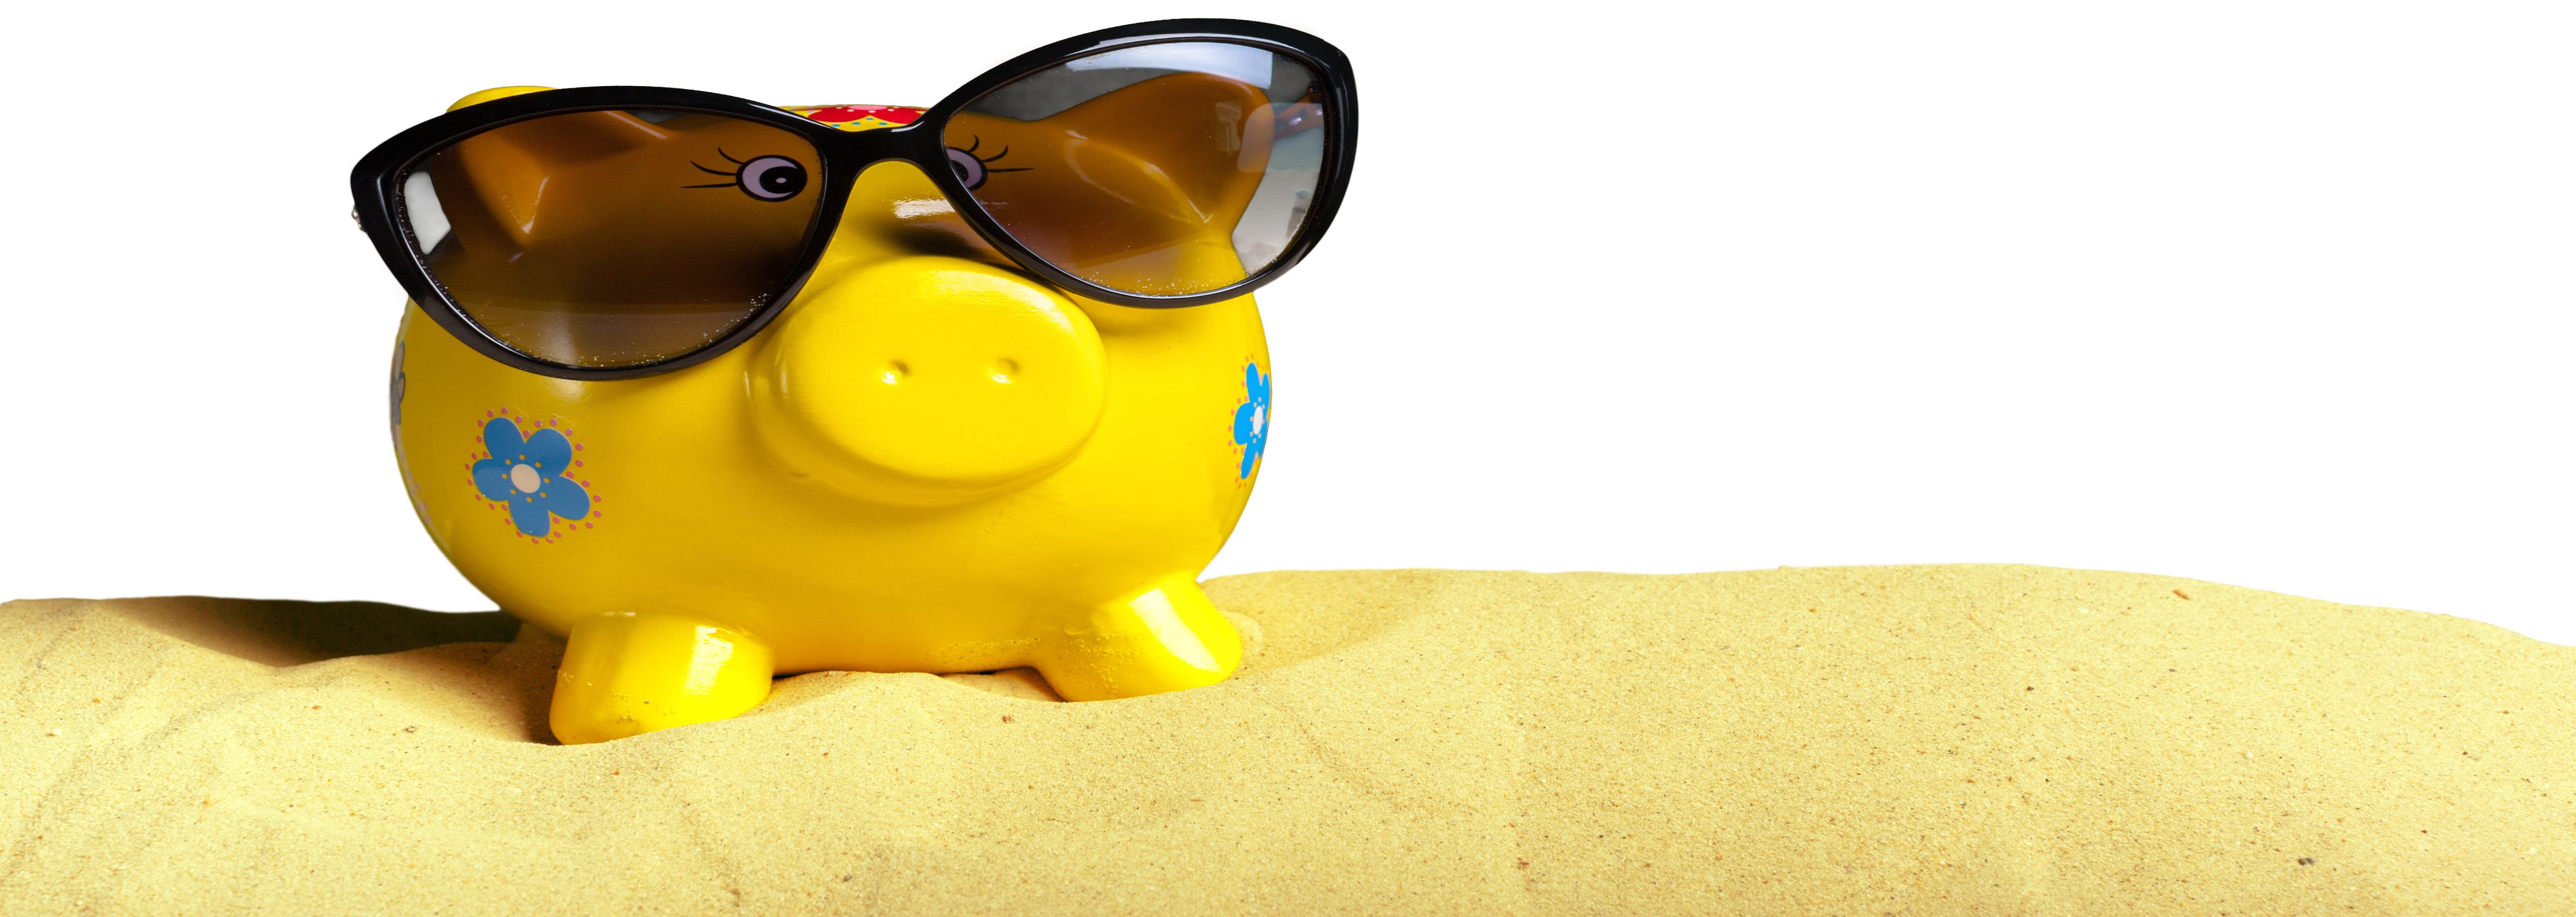 Nasze-finanse.org - zadbamy o Twoje finanse.